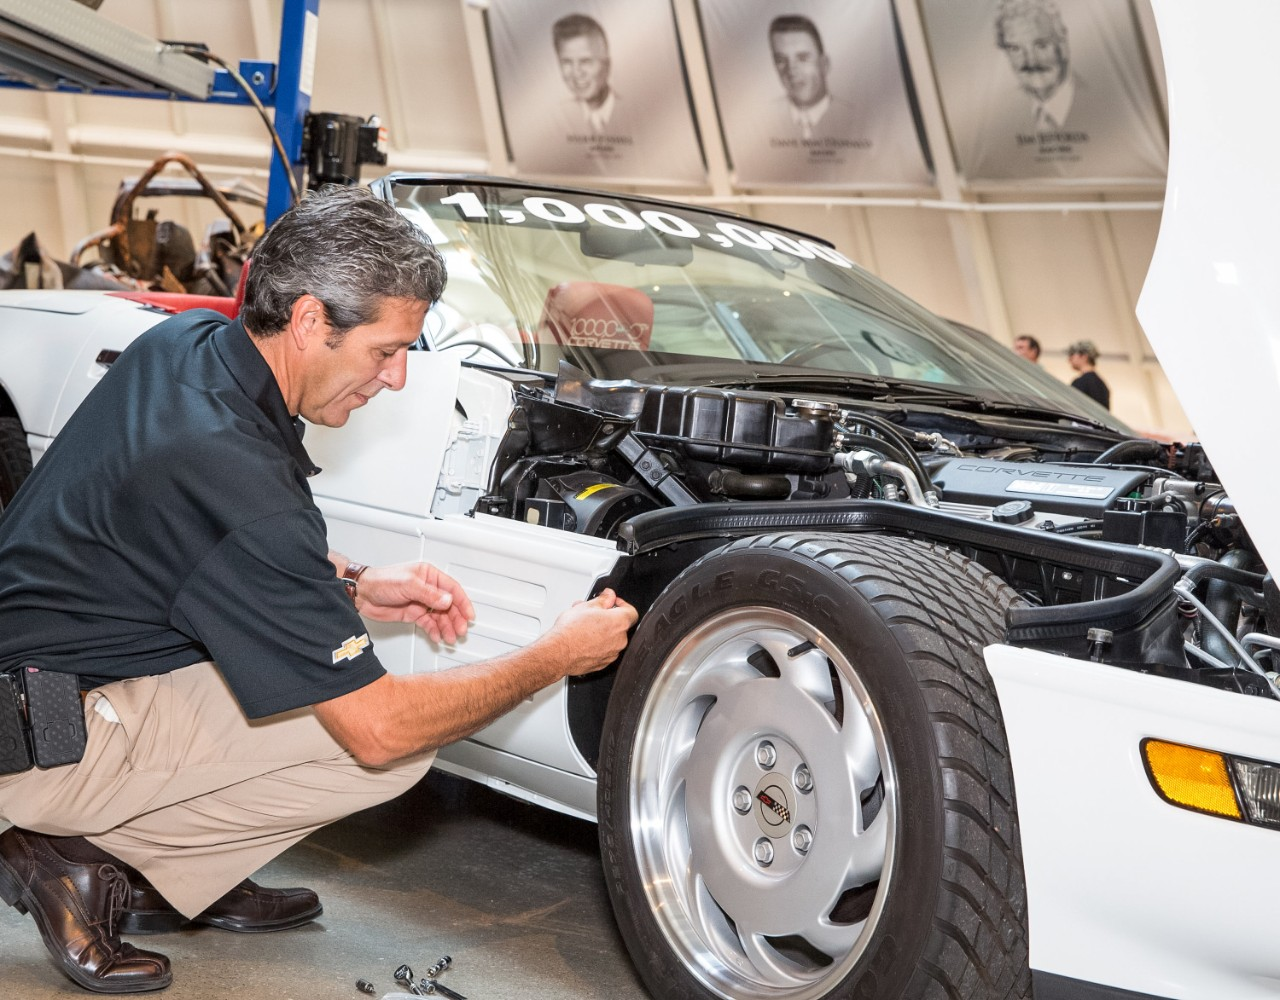 Chevrolet Restored 1 Millionth Corvette Returned to National Corvette Museum